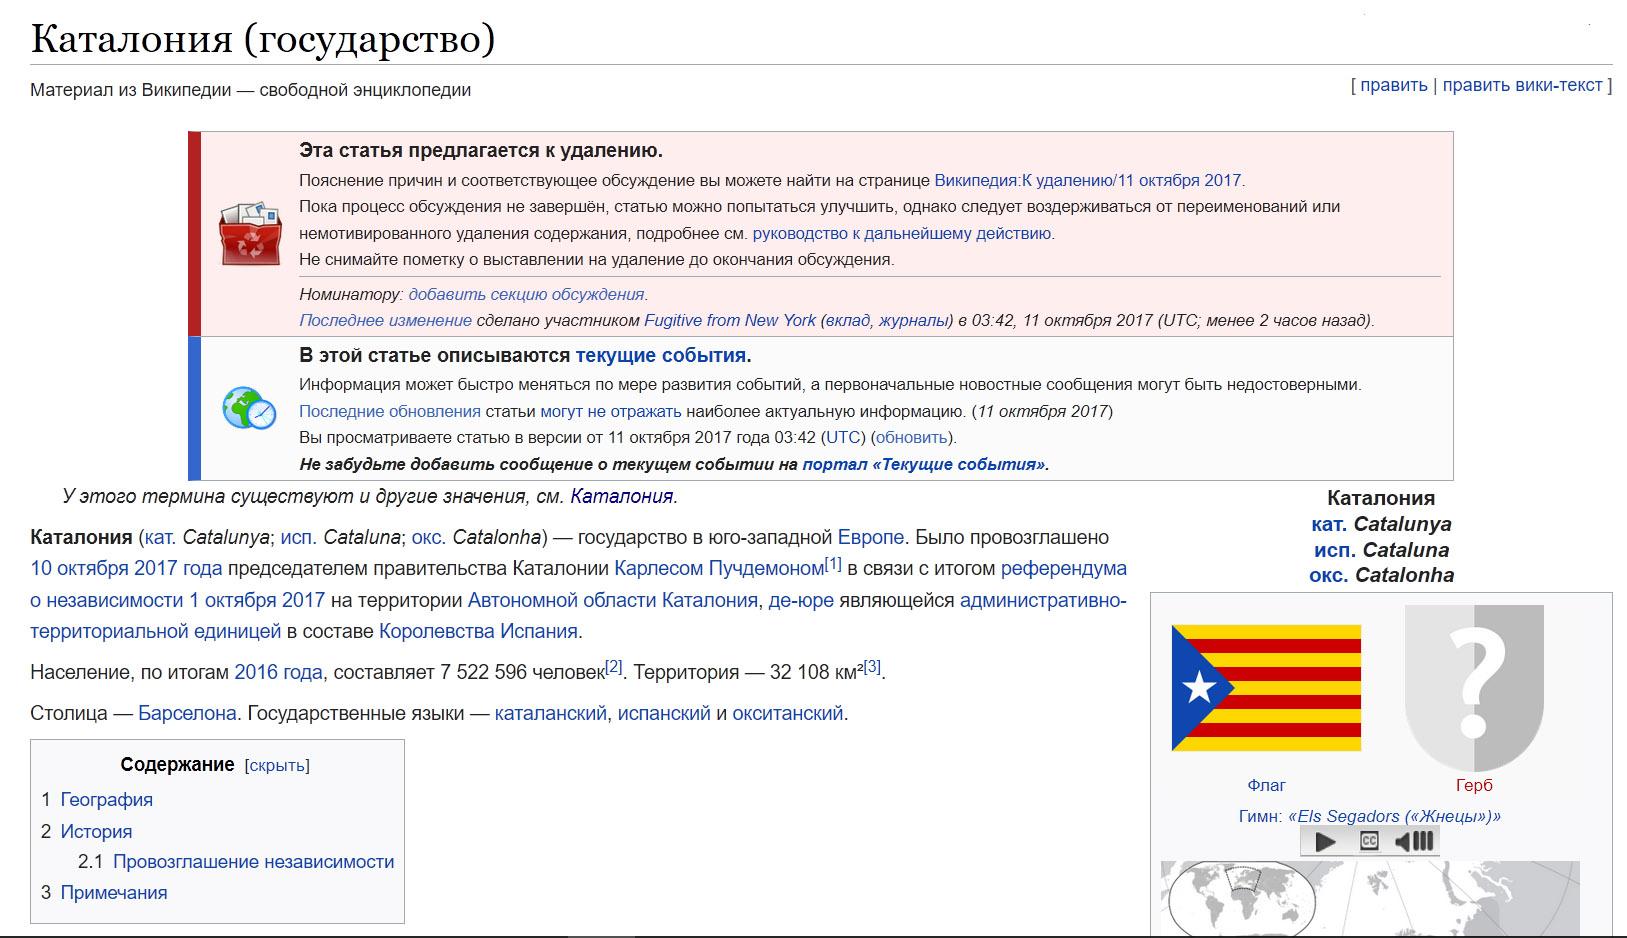 Война за независимость Каталонии в Википедии